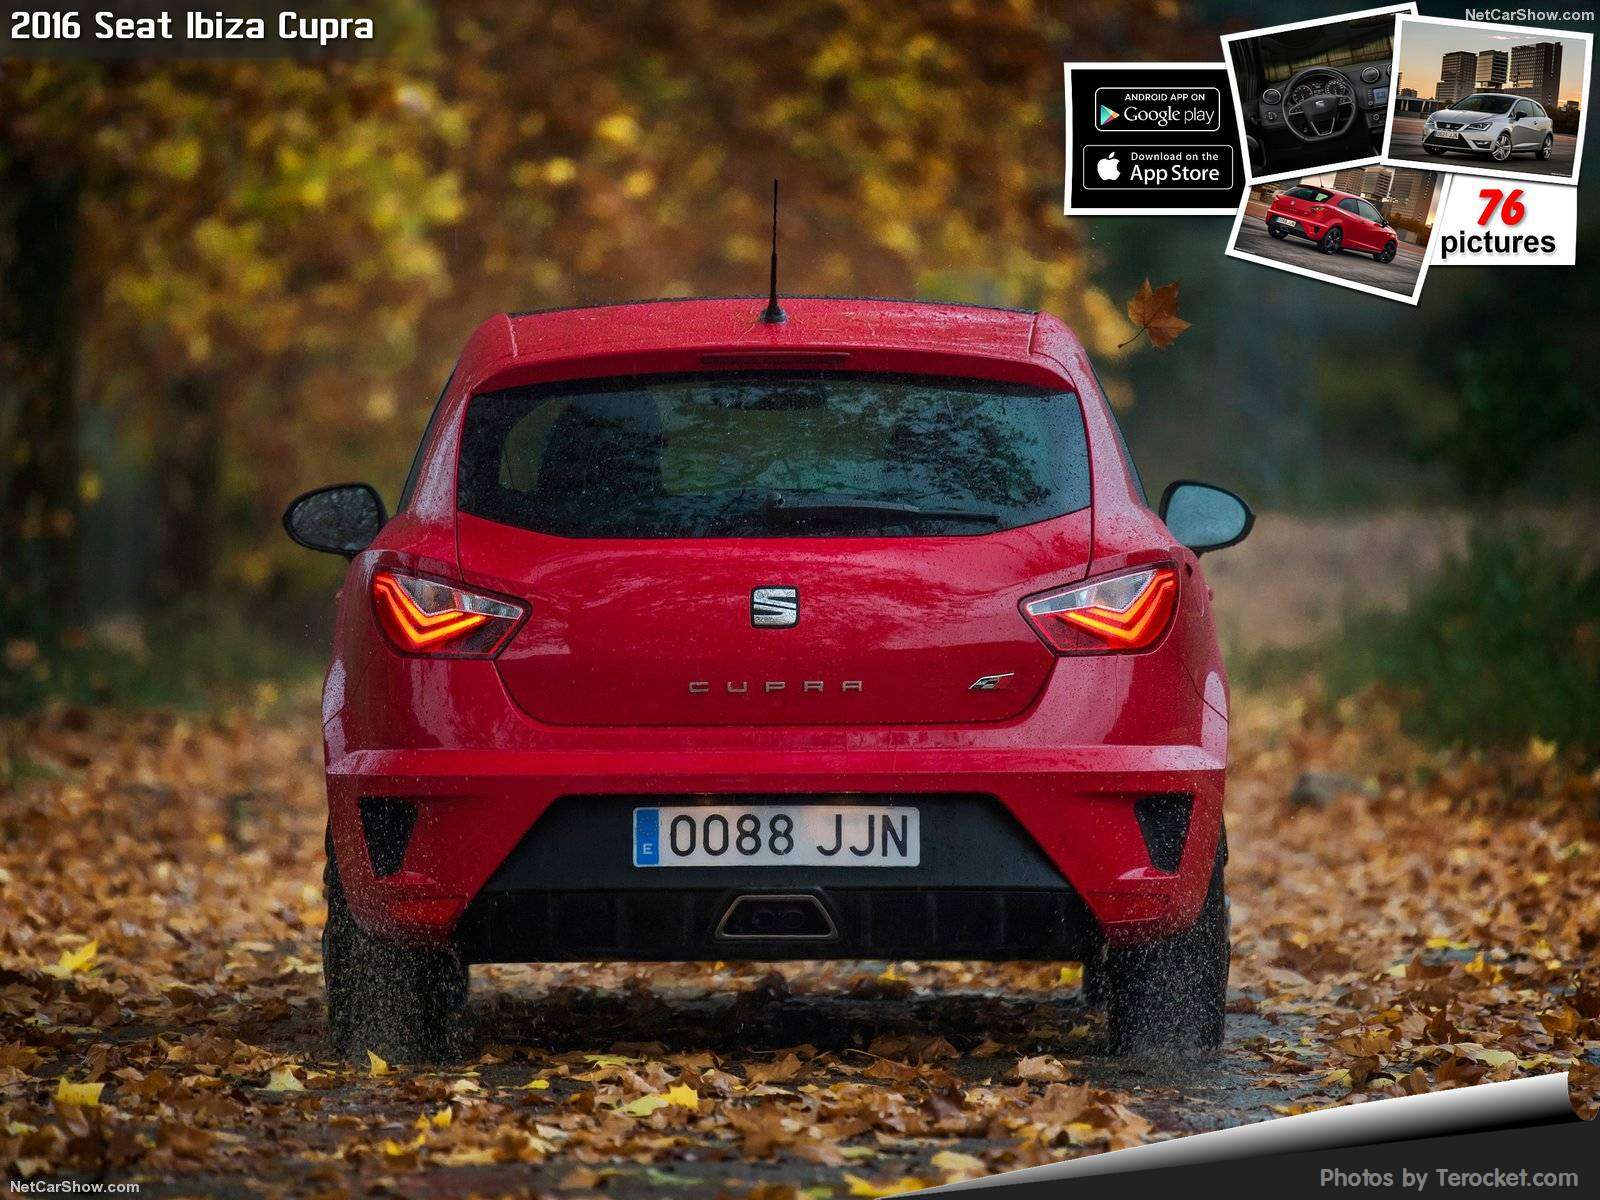 Hình ảnh xe ô tô Seat Ibiza Cupra 2016 & nội ngoại thất